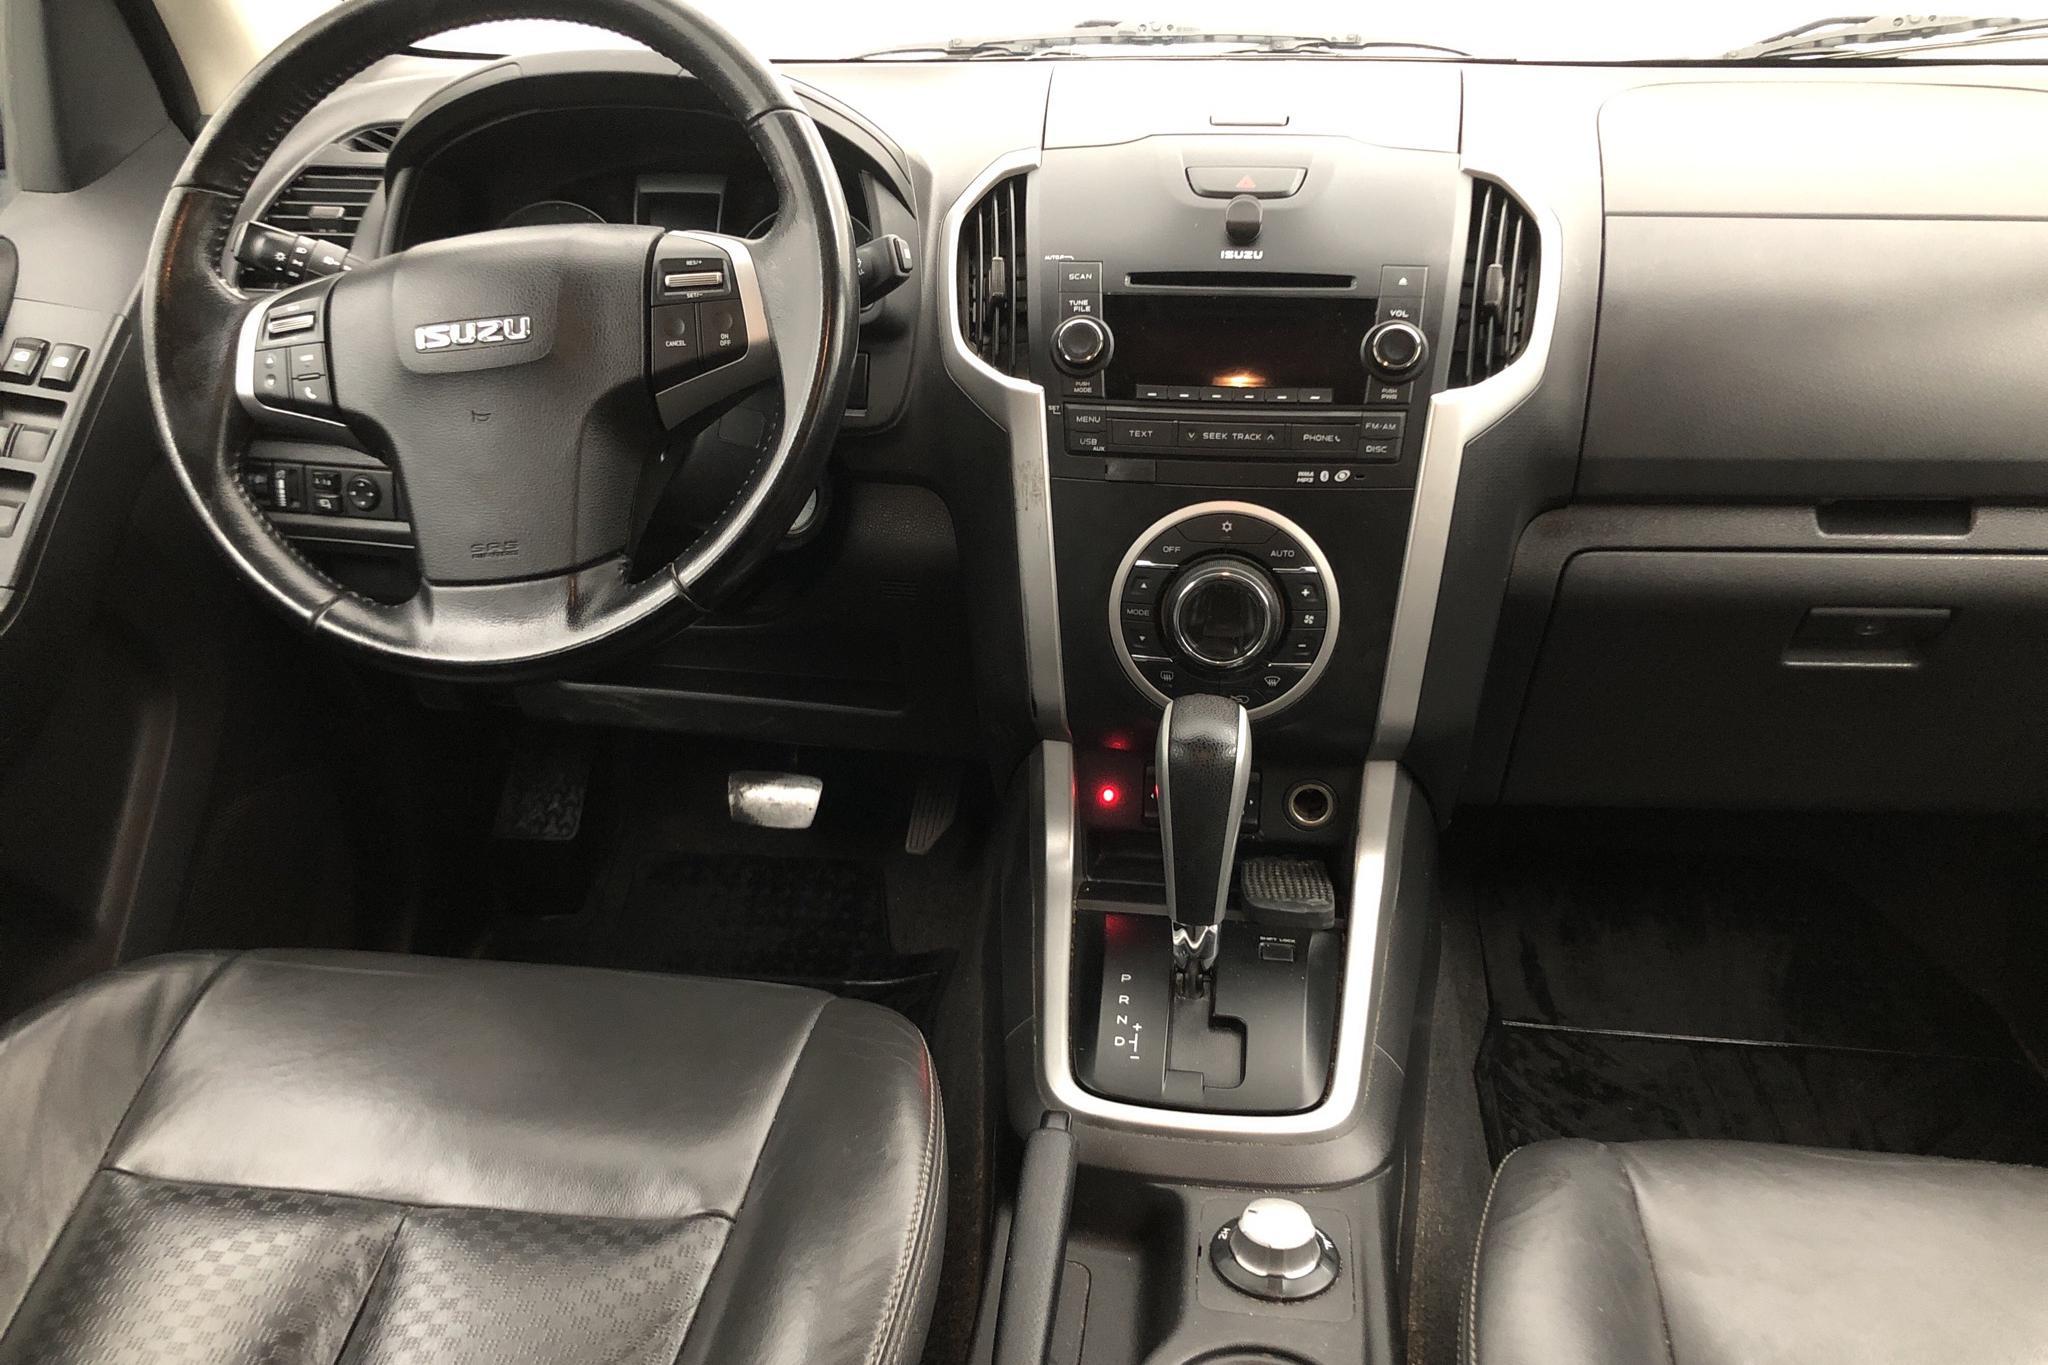 Isuzu D-MAX 2.5 DDI 4WD (163hk) - 0 km - Automatic - black - 2015